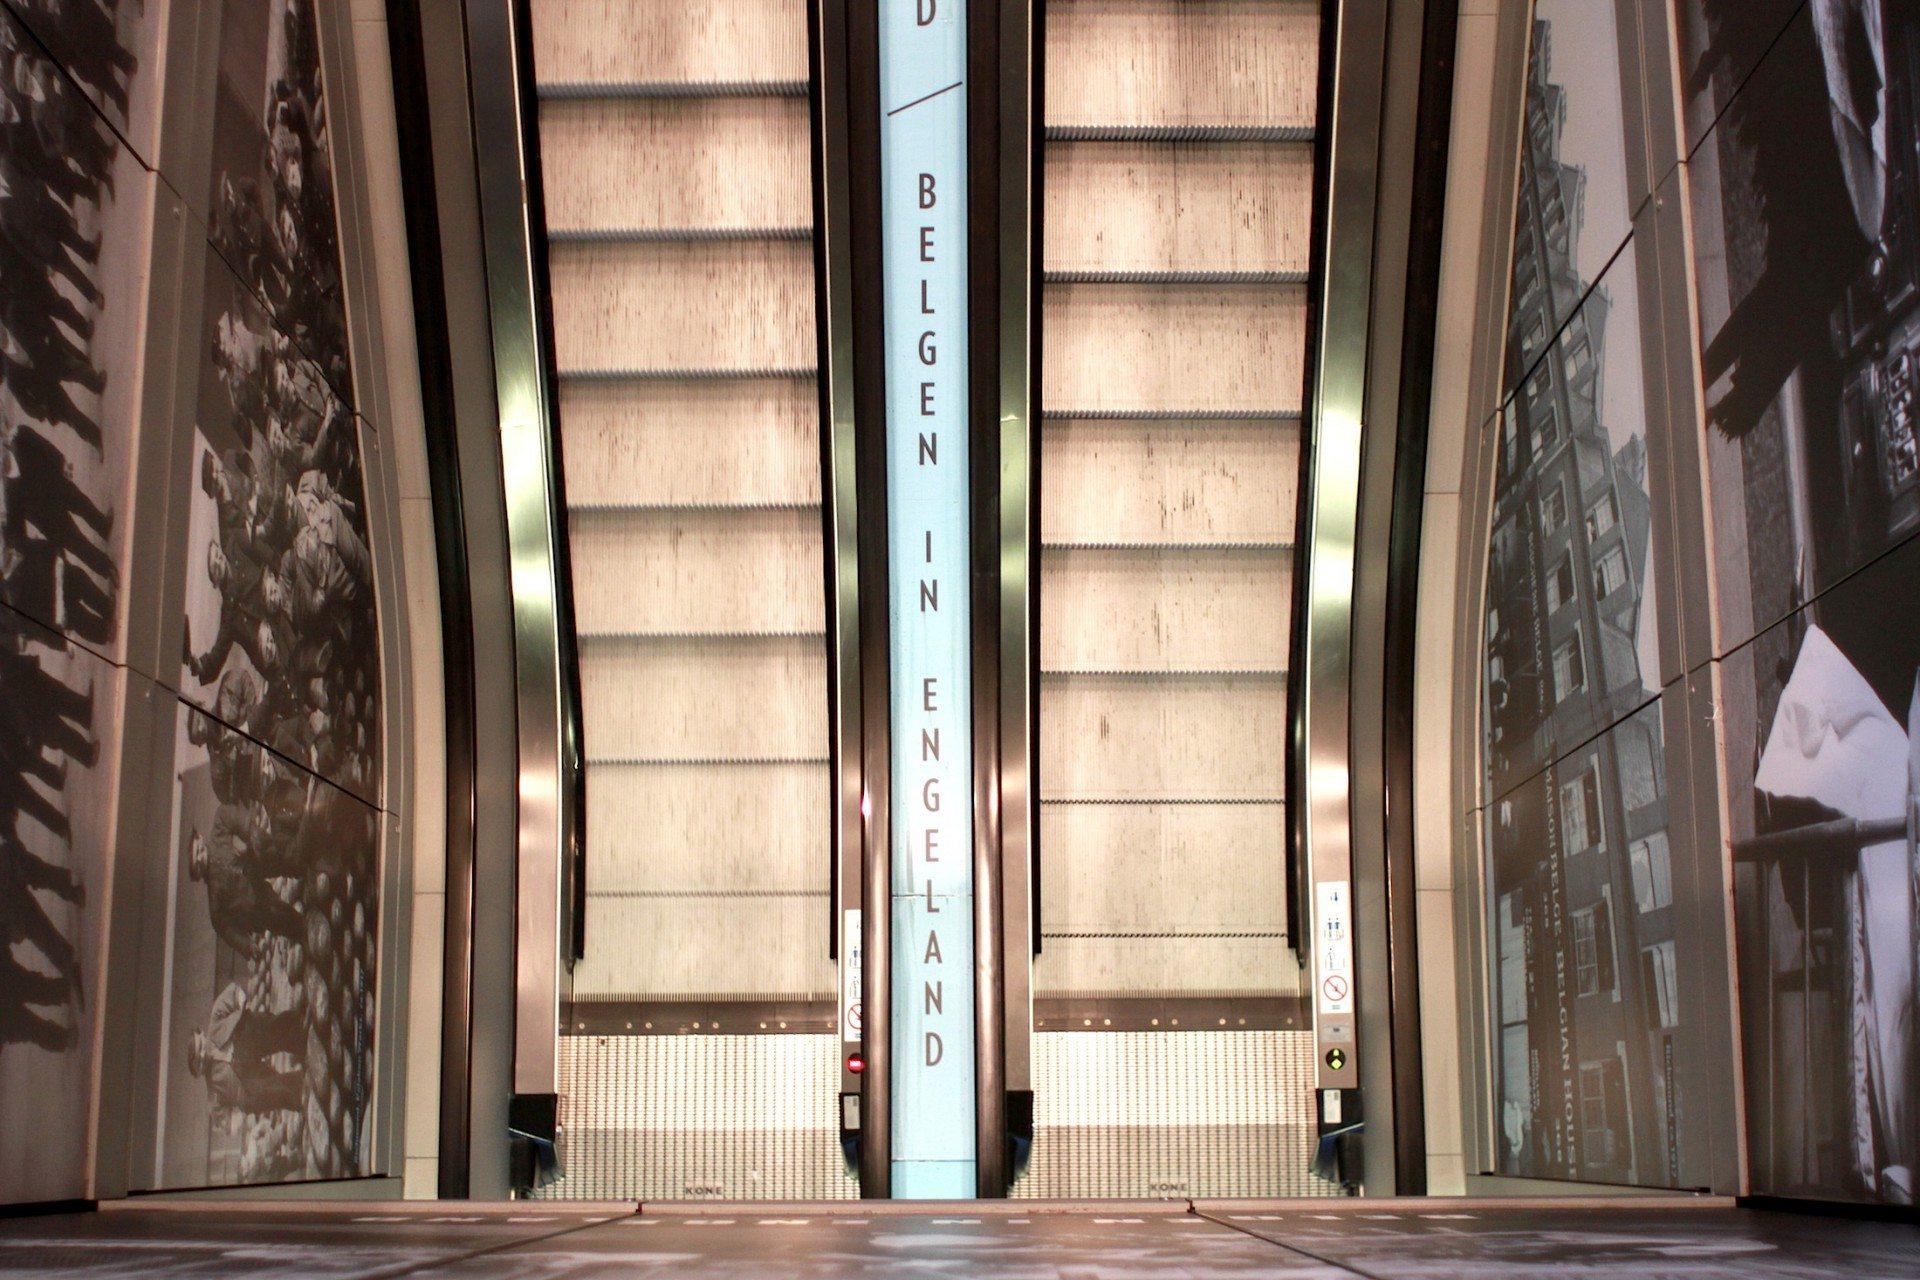 Bewegend. Rolltreppen führen im Inneren durch eine stadtgeschichtliche Galerie. Die Besucher werden entlang gläserner Vitrinen und heller Wände, auf denen abwechselnd bewegende Bilder und Texte angezeigt werden, bis zum Panoramadach geleitet.